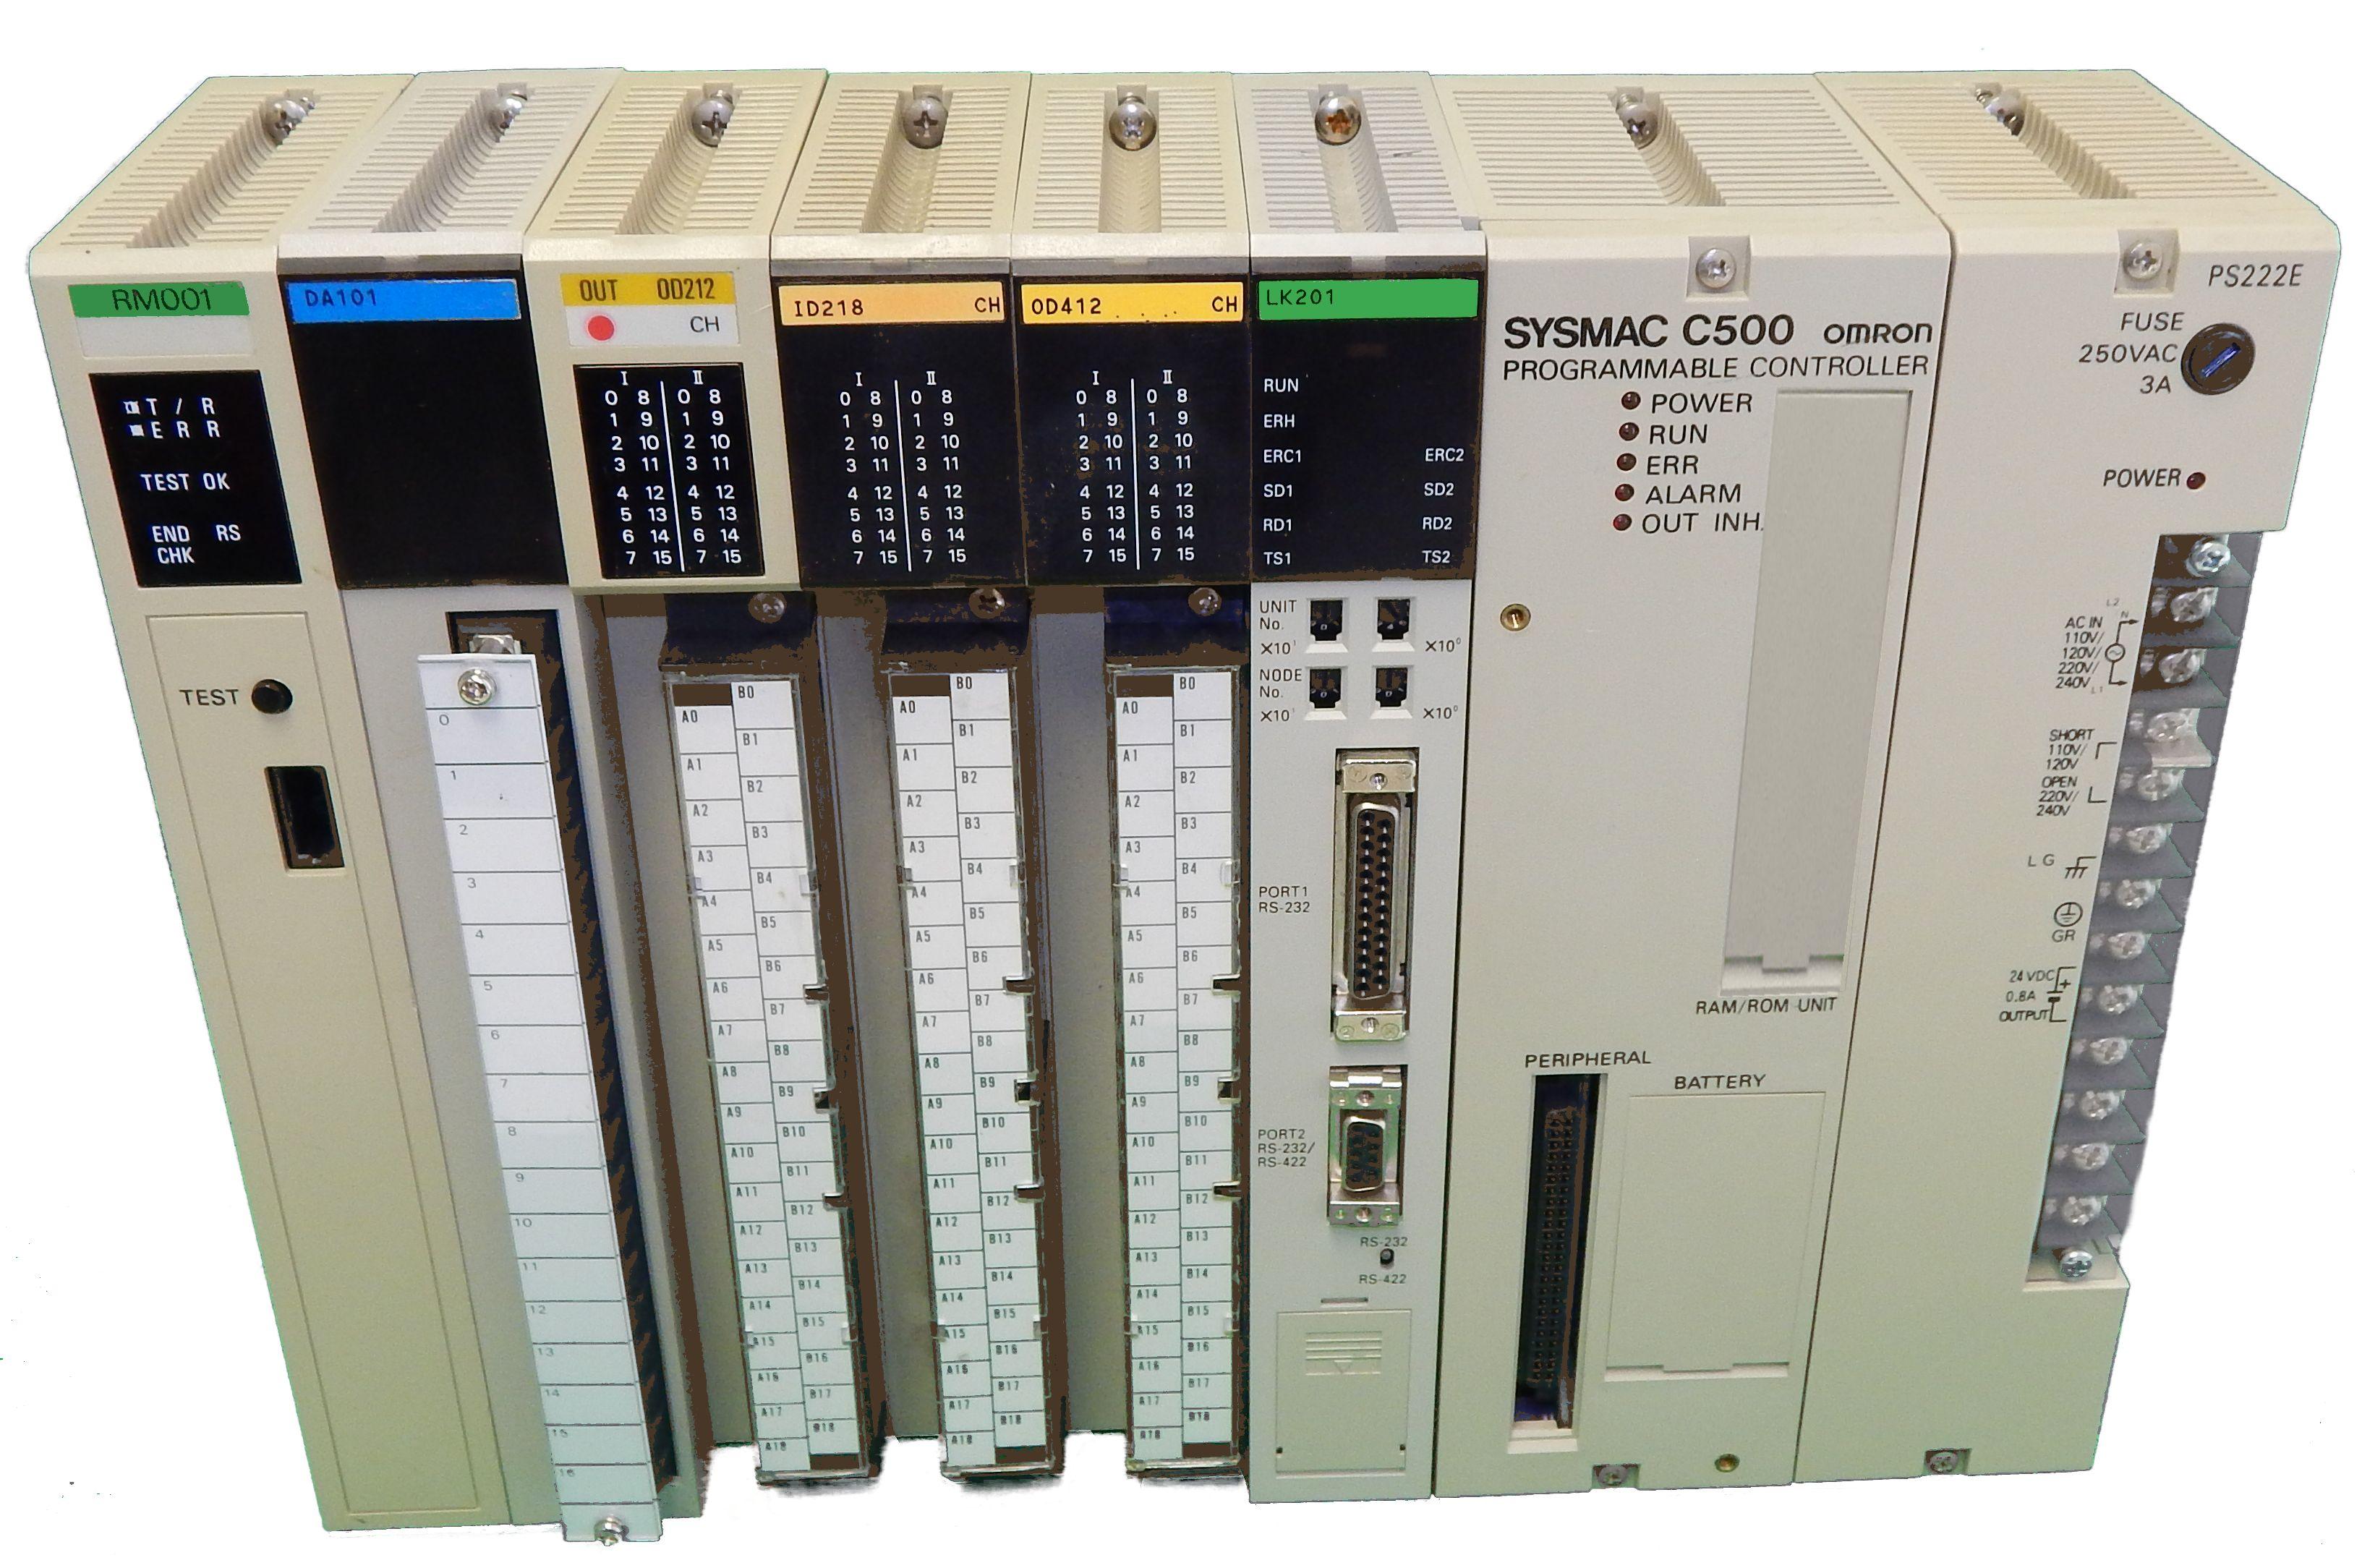 3G2A5-OD211